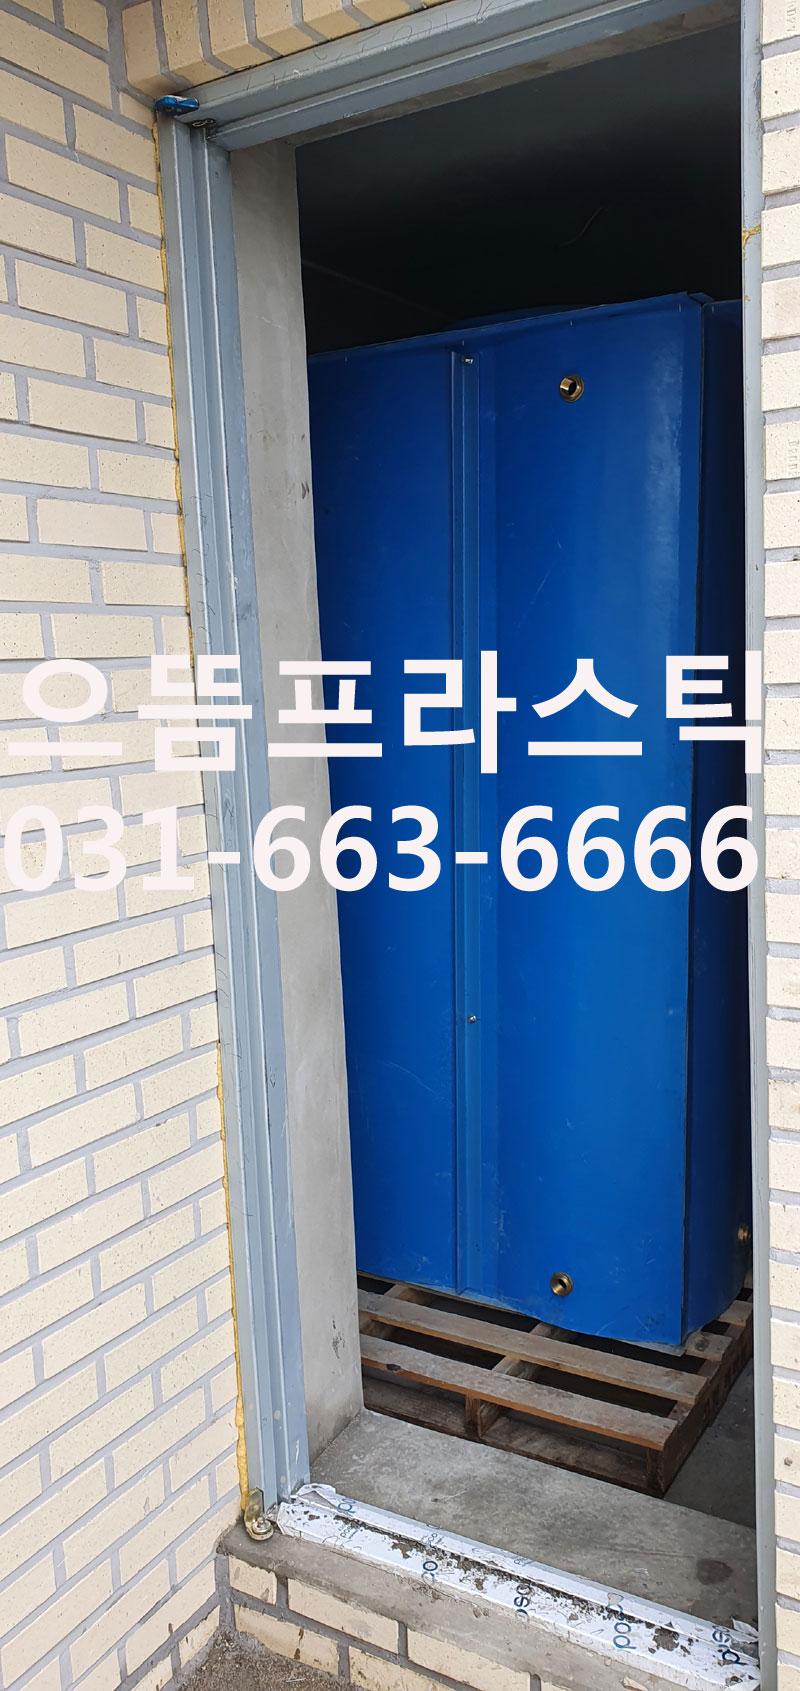 2796bcda83f5a0eee4326d8219629263_1630908481_9901.jpg